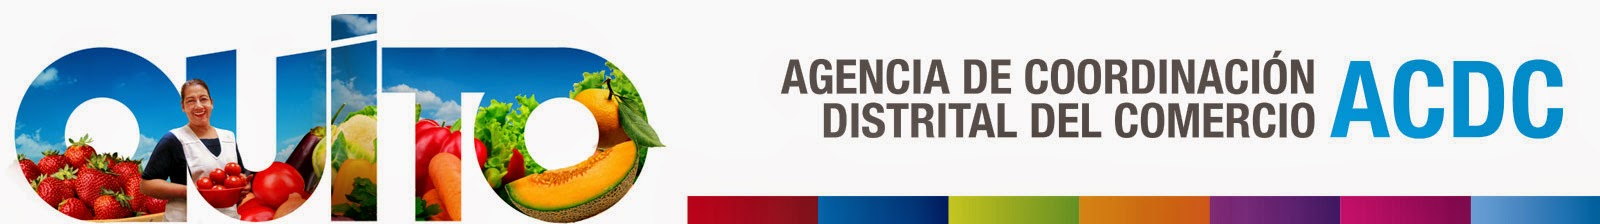 Agencia de Coordinación Distrital del Comercio